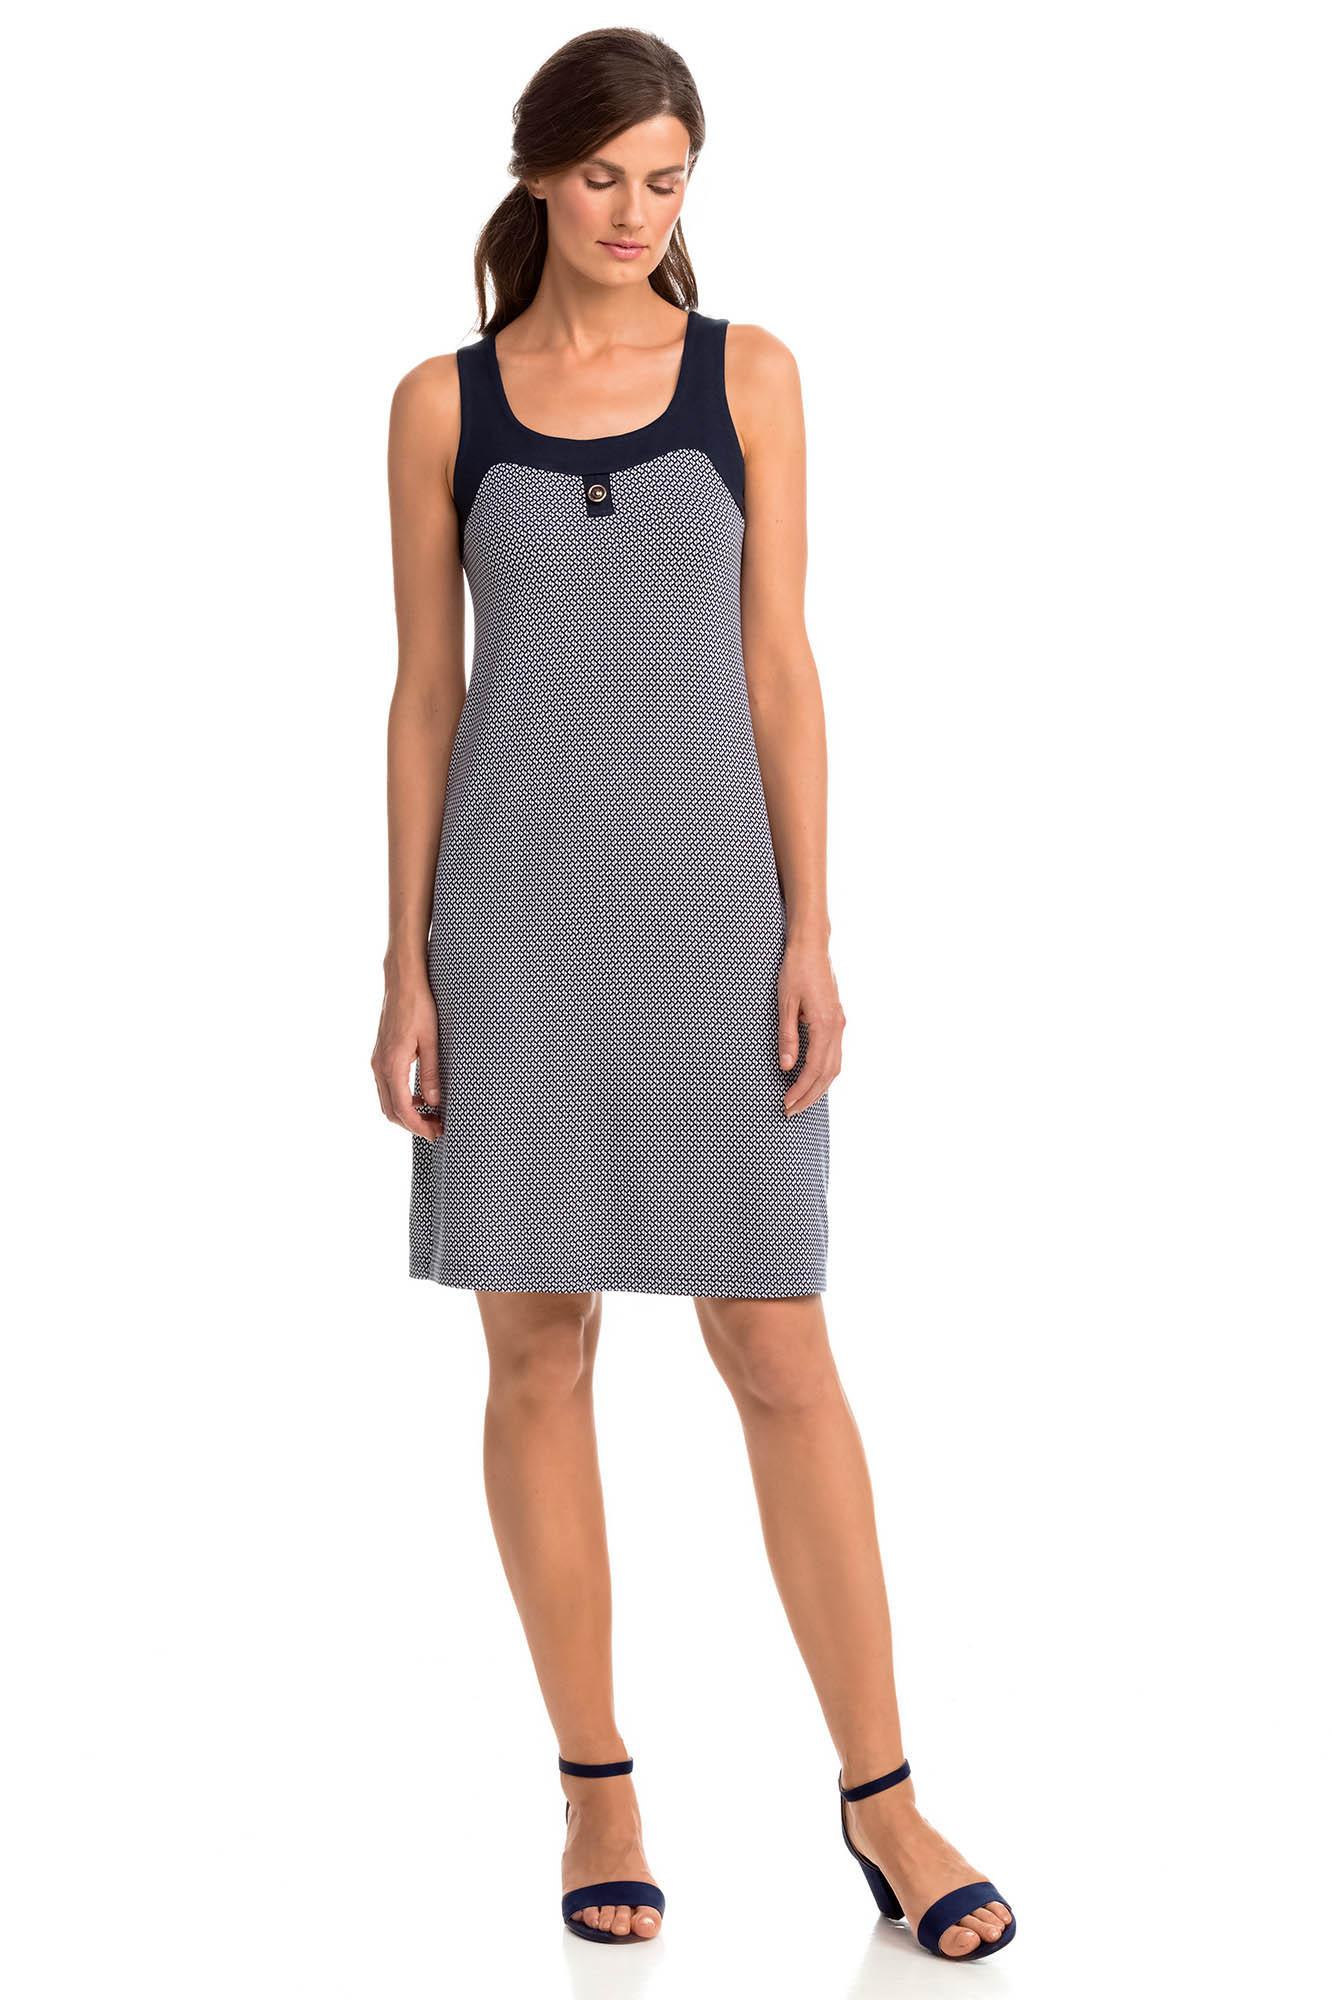 Vamp - Elegantné vzorované dámske šaty 14455 - Vamp blue xl